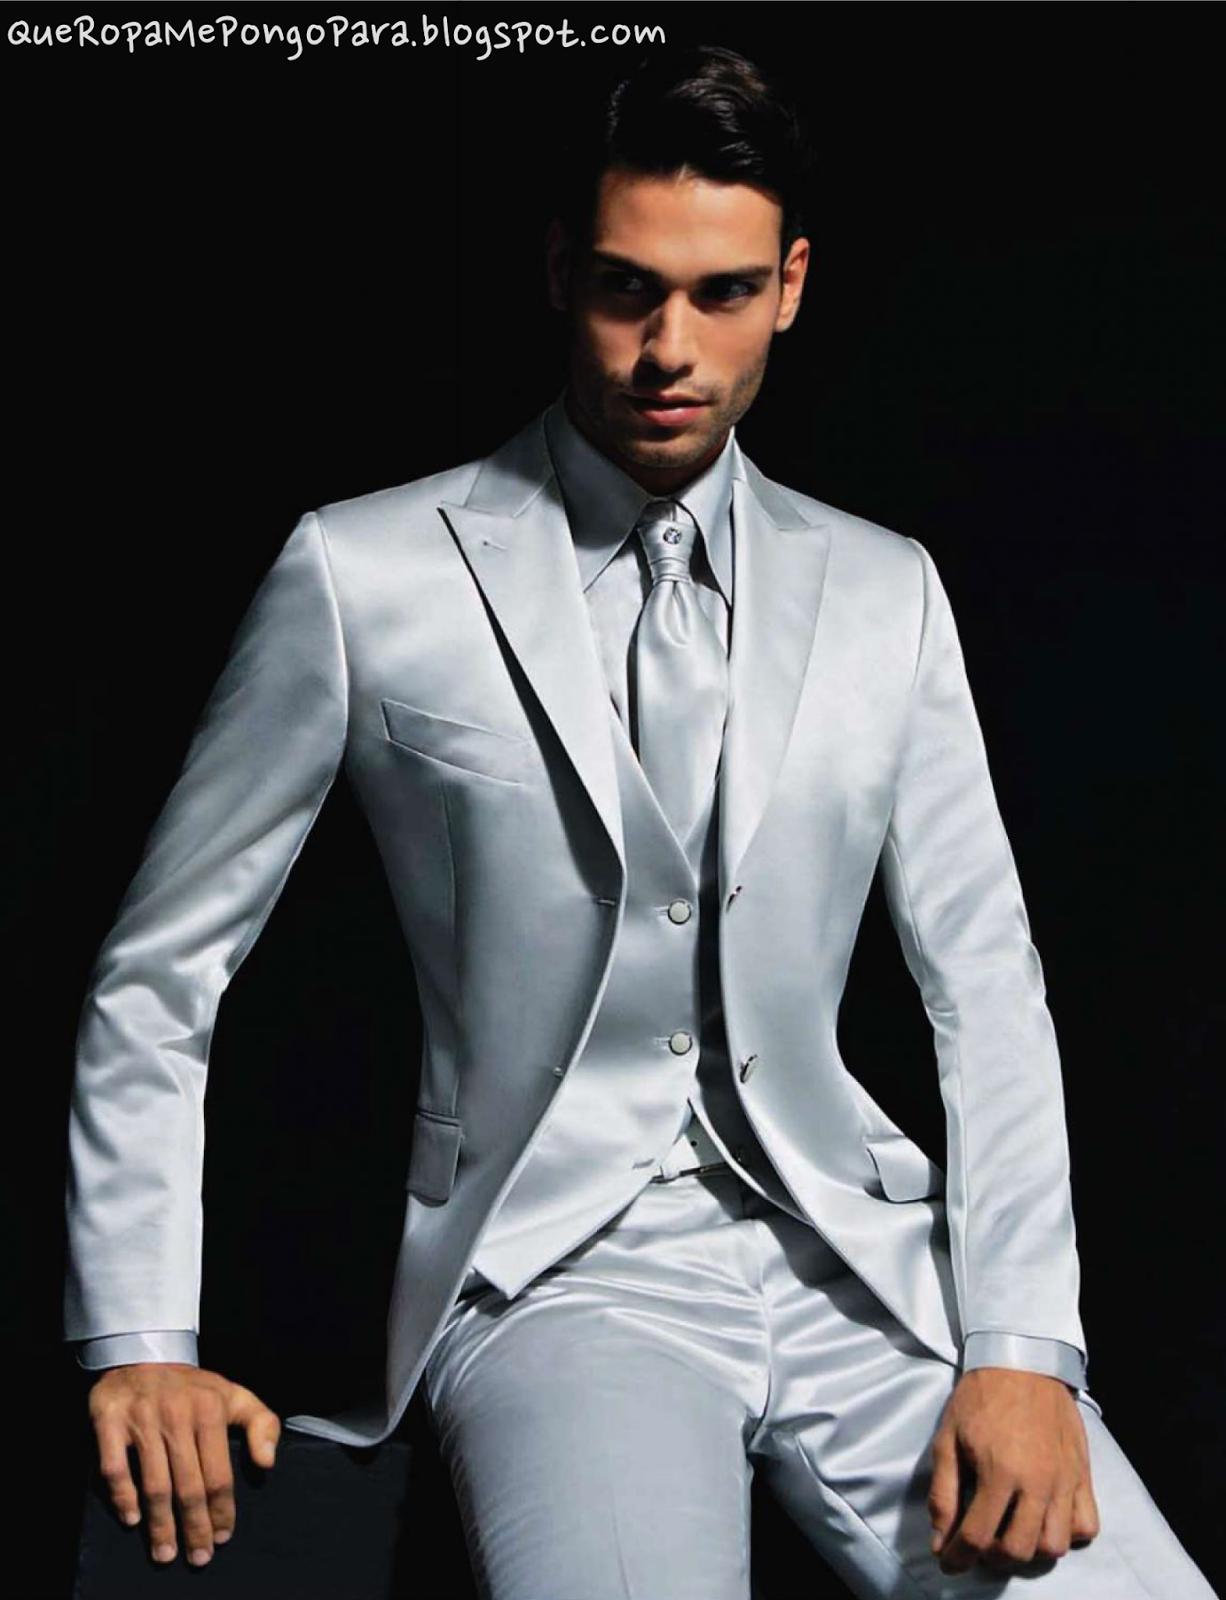 moda masculina TRAJES DE BODA PARA NOVIOS - Que ropa me pongo para mi boda